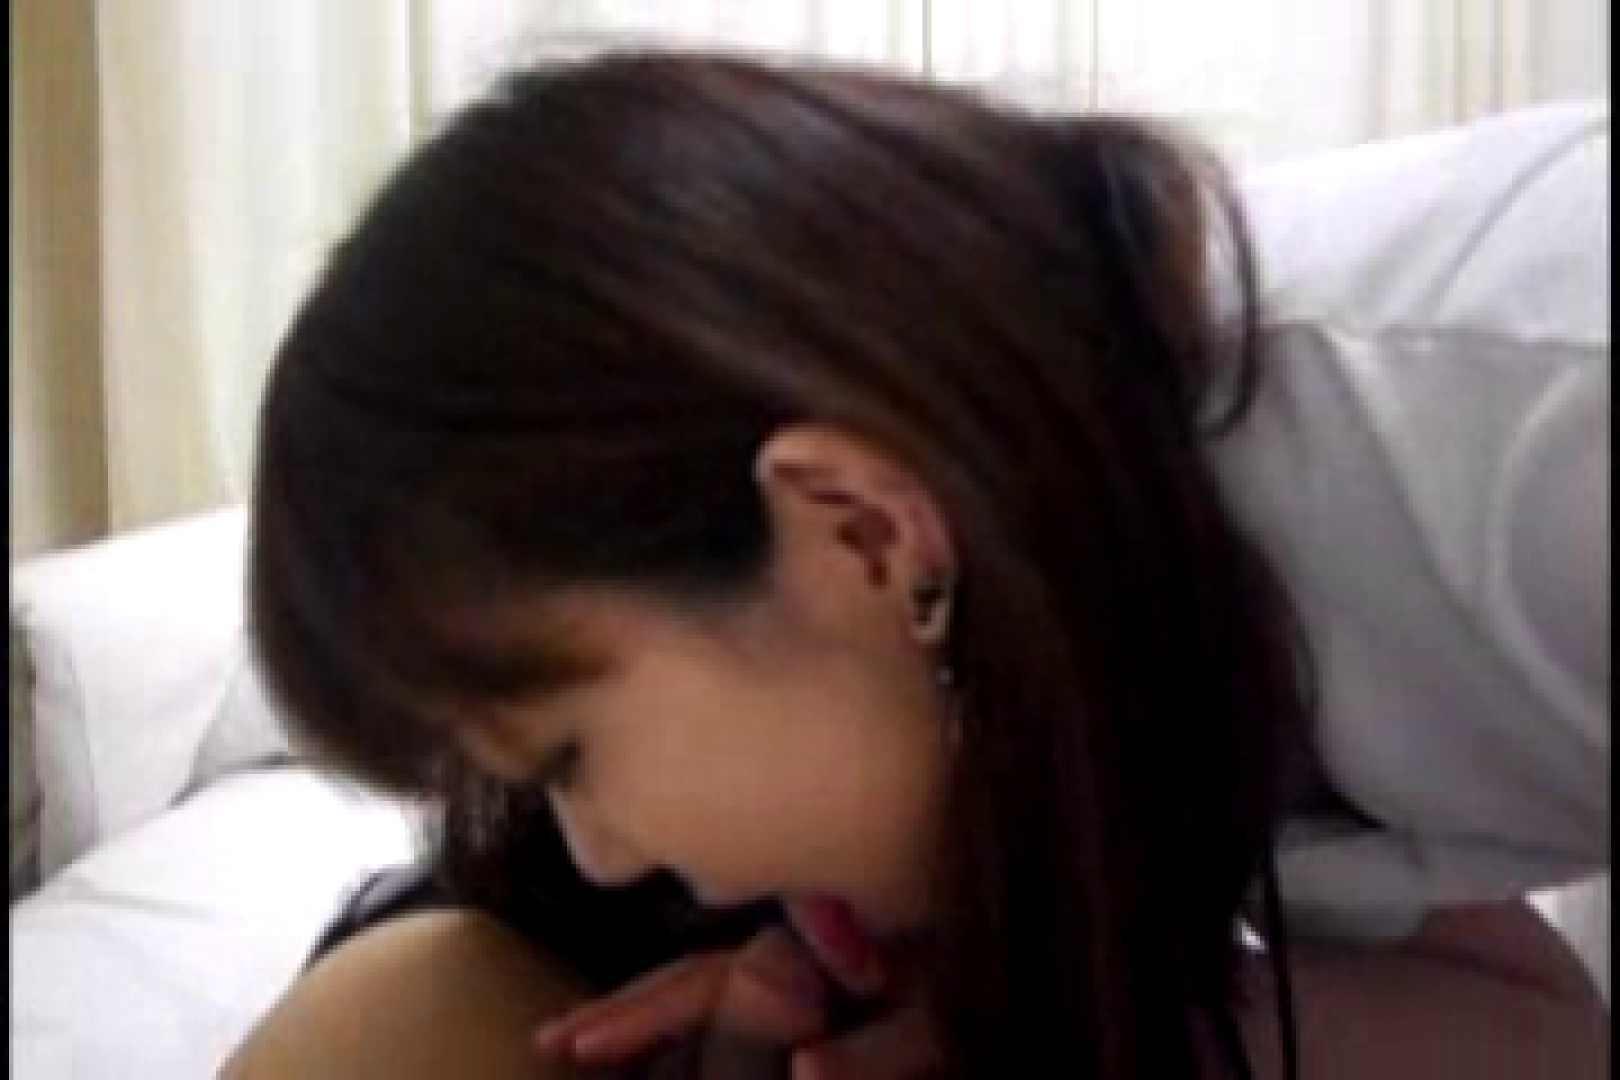 ヤリマンと呼ばれた看護士さんvol1 シックスナイン  98pic 67